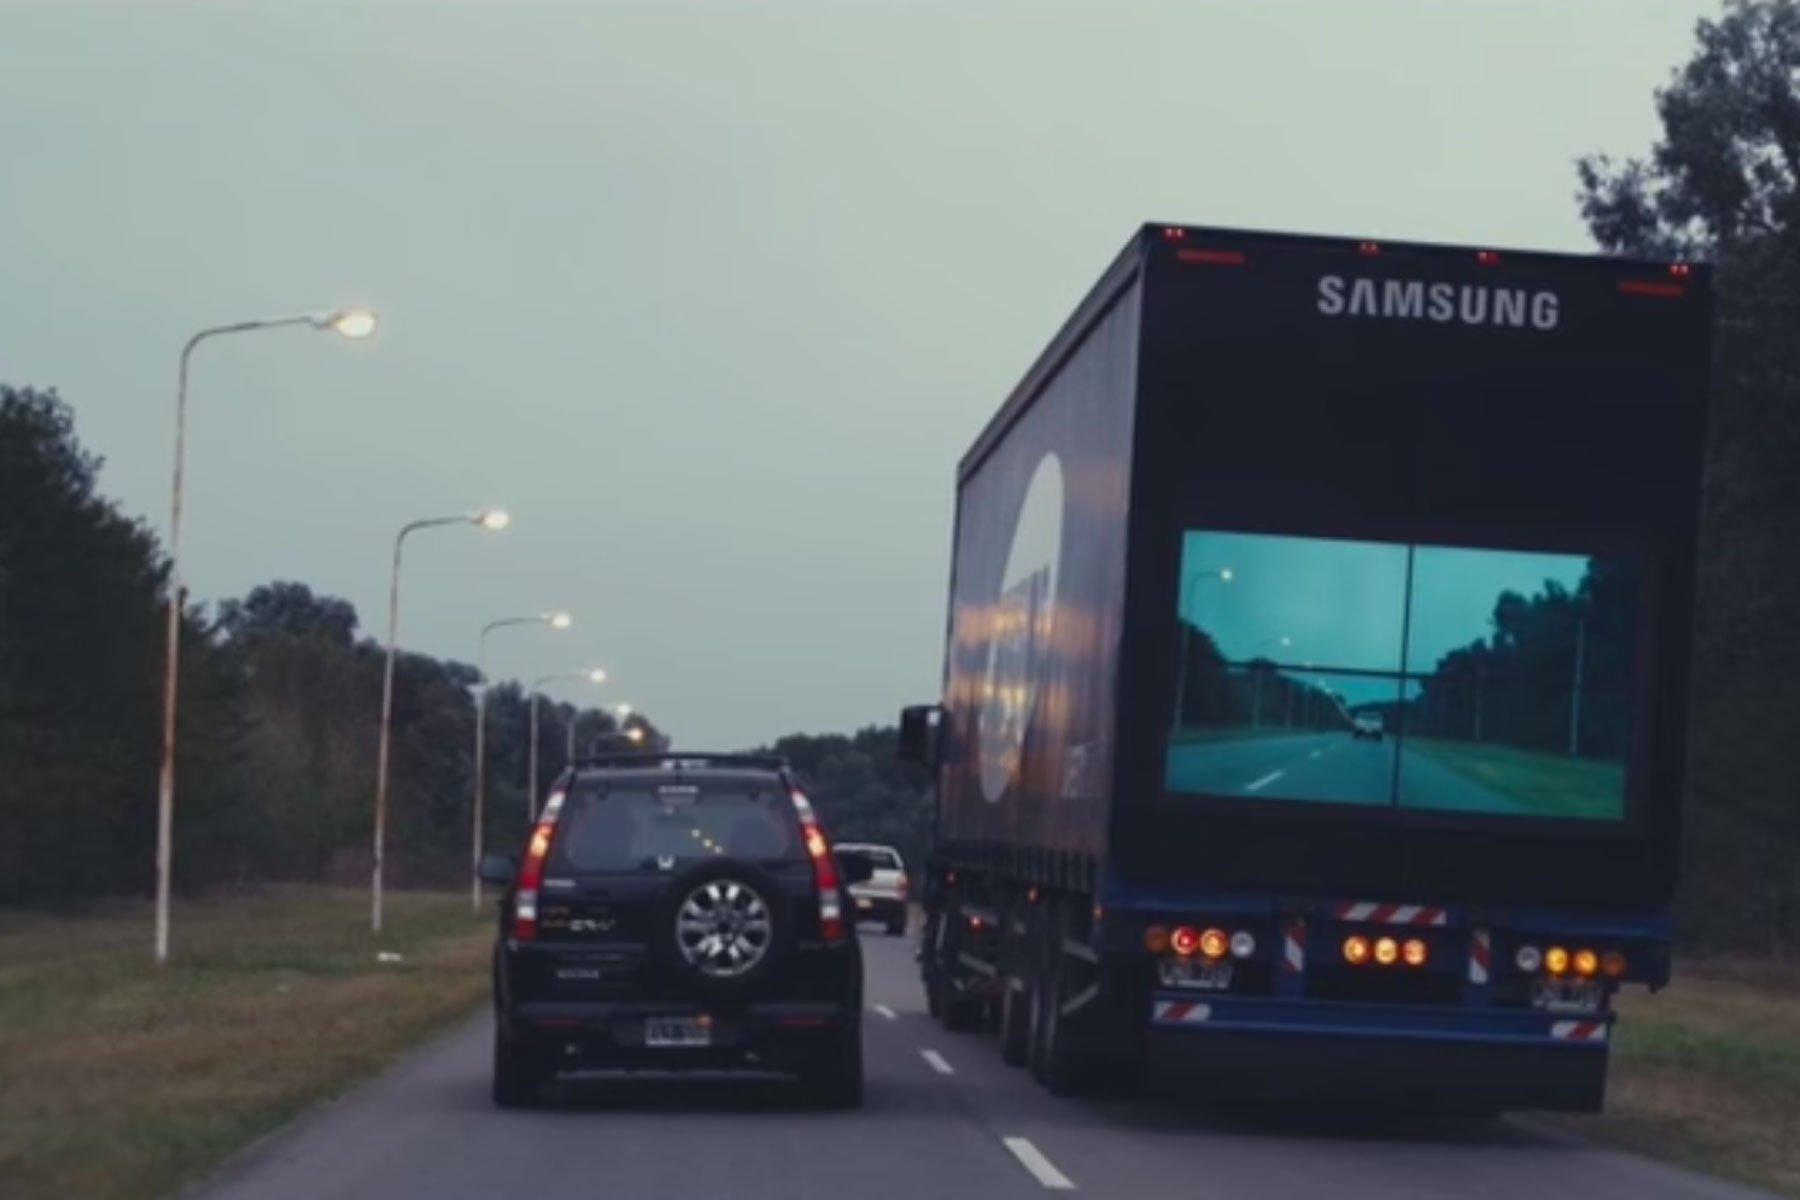 Das Display auf der Rückfront des Lkw ist mit einer Frontkamera verbunden, die zeitgleich den Verkehr vor dem Laster auf das Display überträgt.